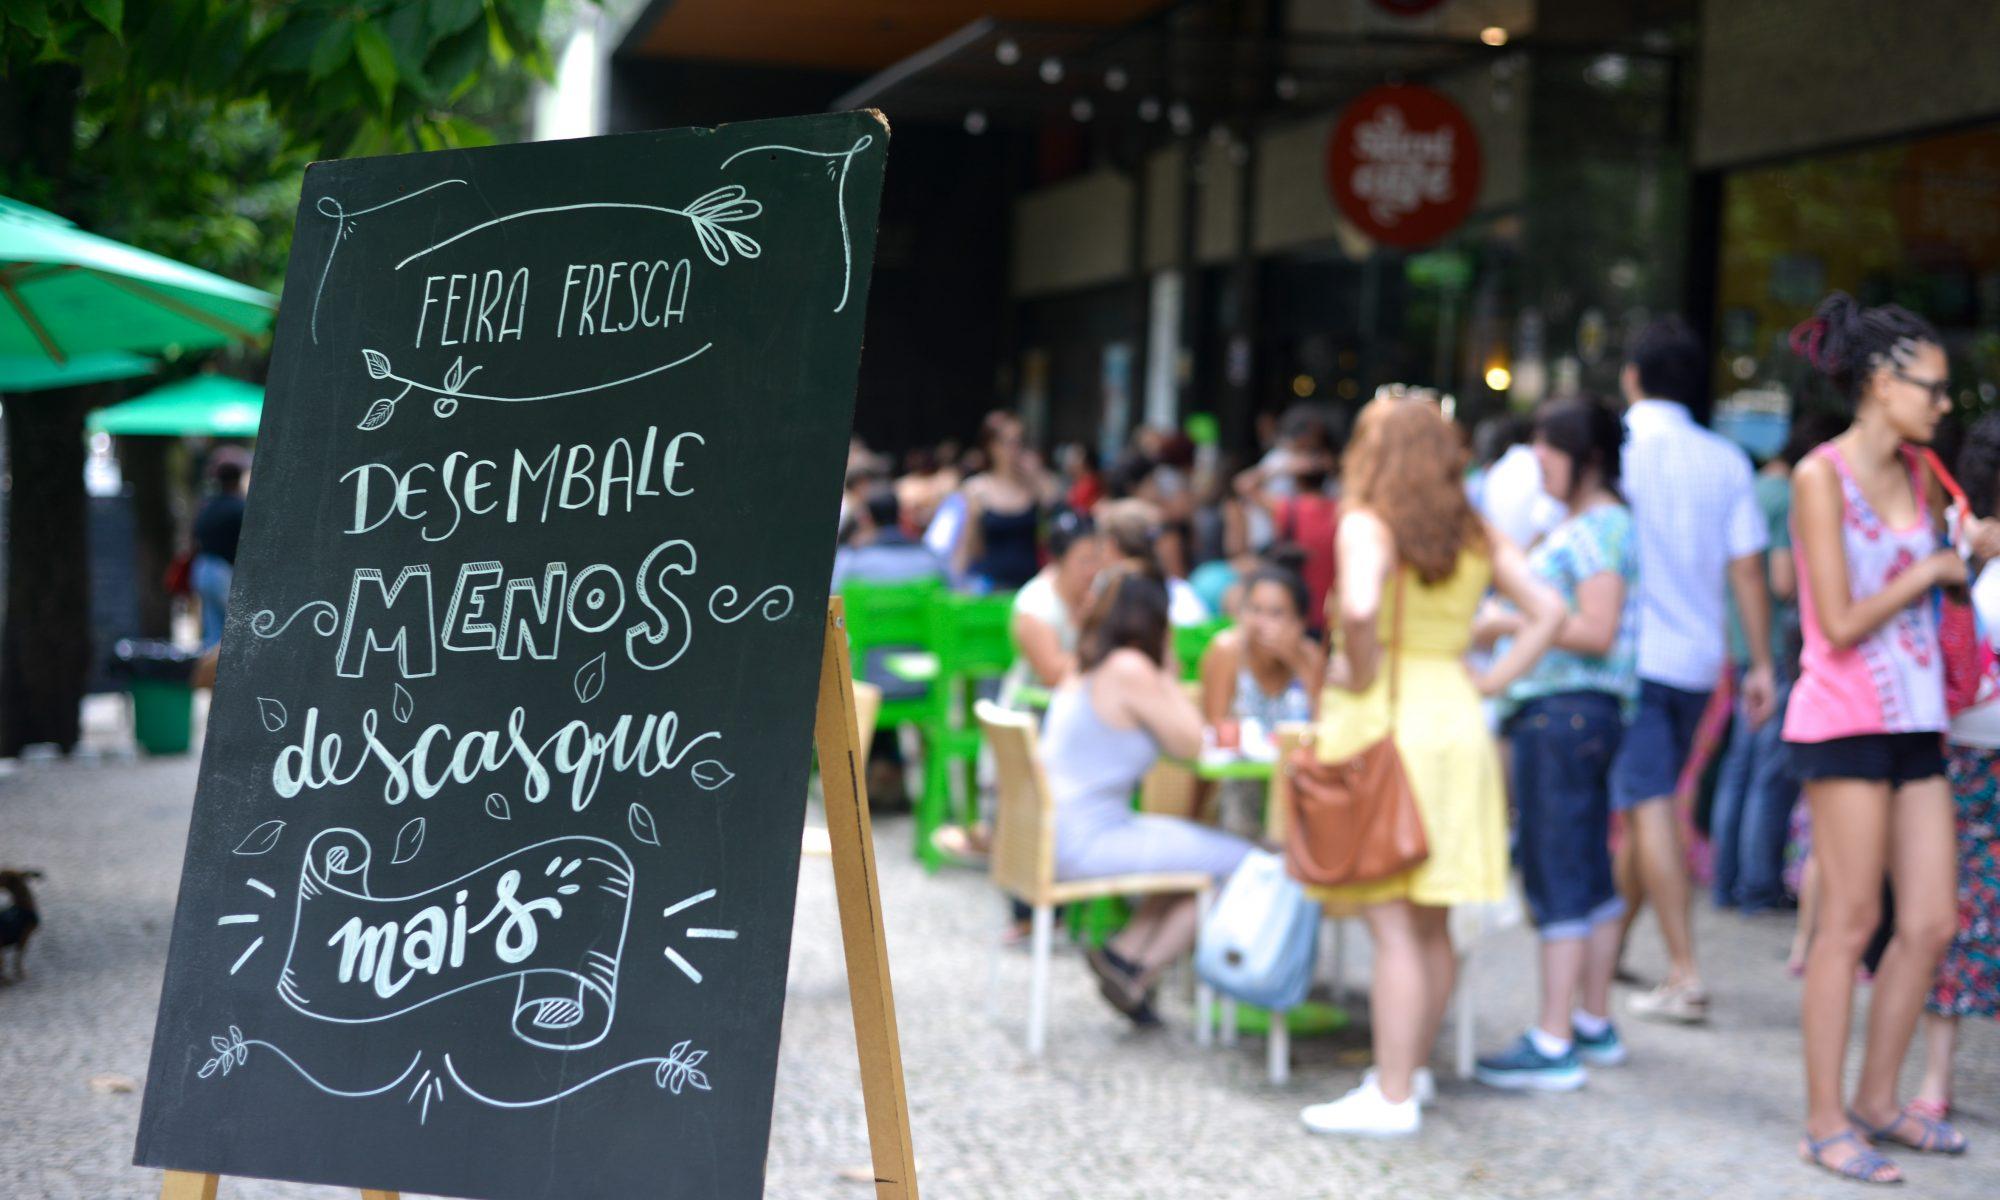 Banner Feira Fresca Incontrês